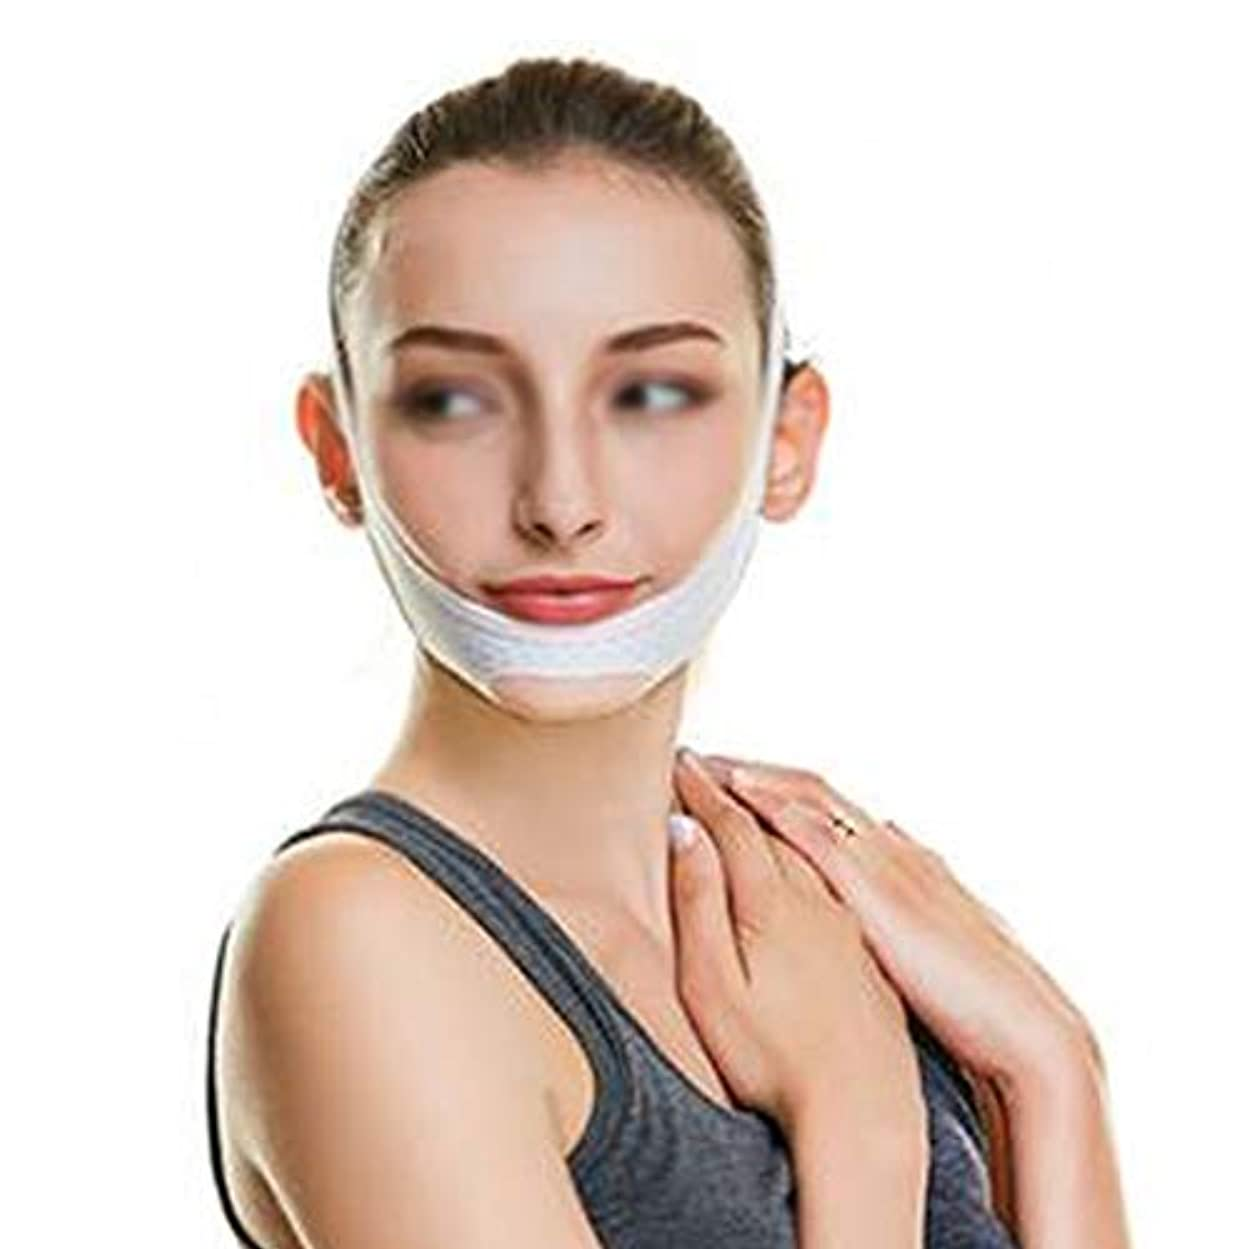 ぶどうテキスト不十分なZWBD フェイスマスク, Vフェイスアーティファクトメロンフェイスバンデージマスクを使用した薄顔